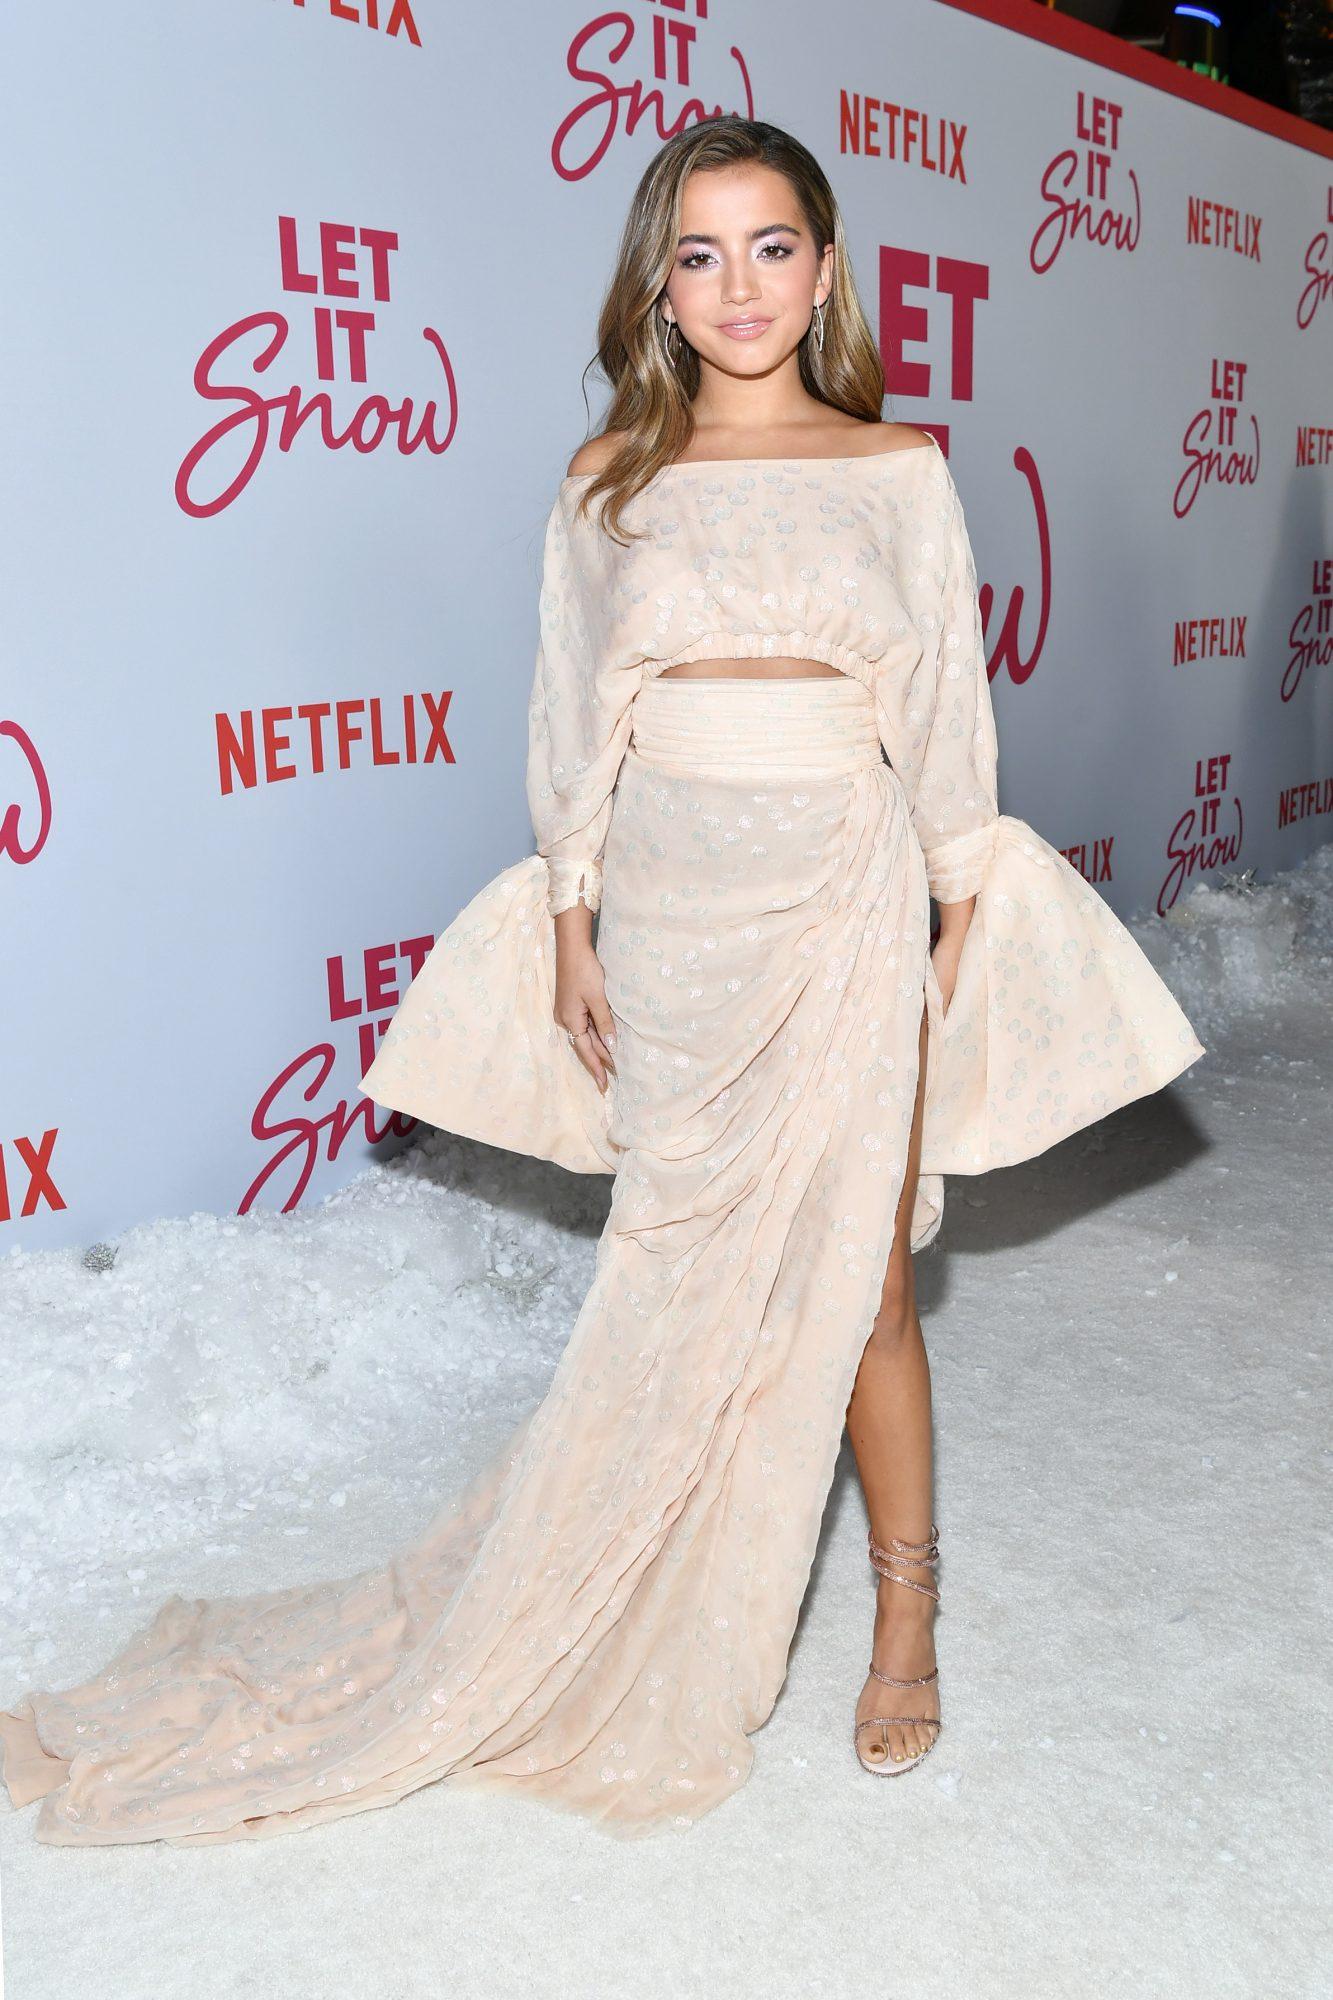 """LA Premiere Of Netflix's """"Let It Snow"""" - Red Carpet"""